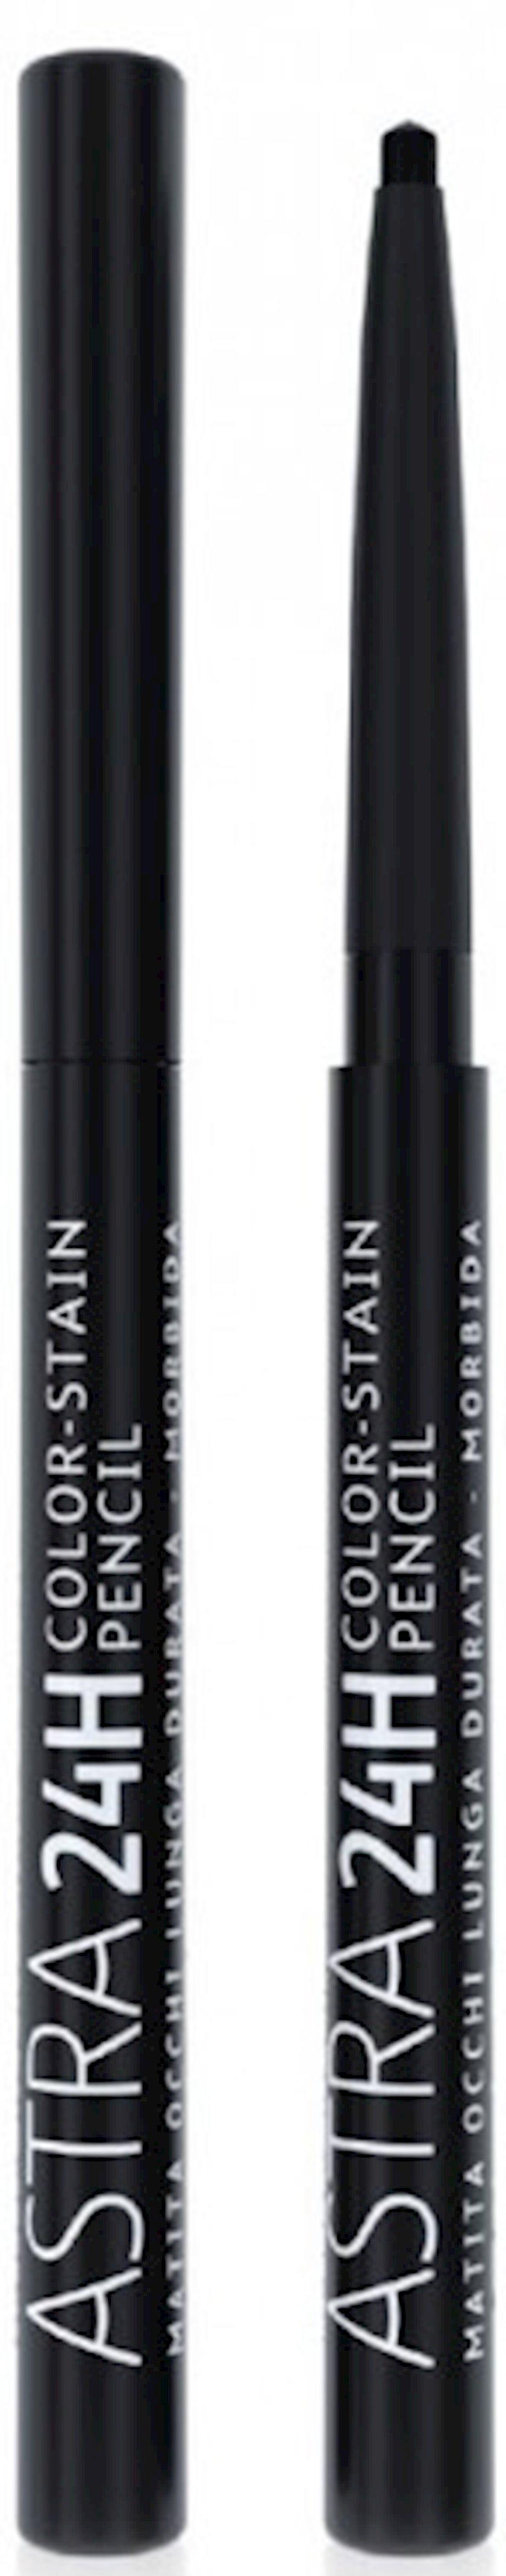 Göz üçün qələm Astra Make-Up 24H Color Stain Pencil Black 1.2 q